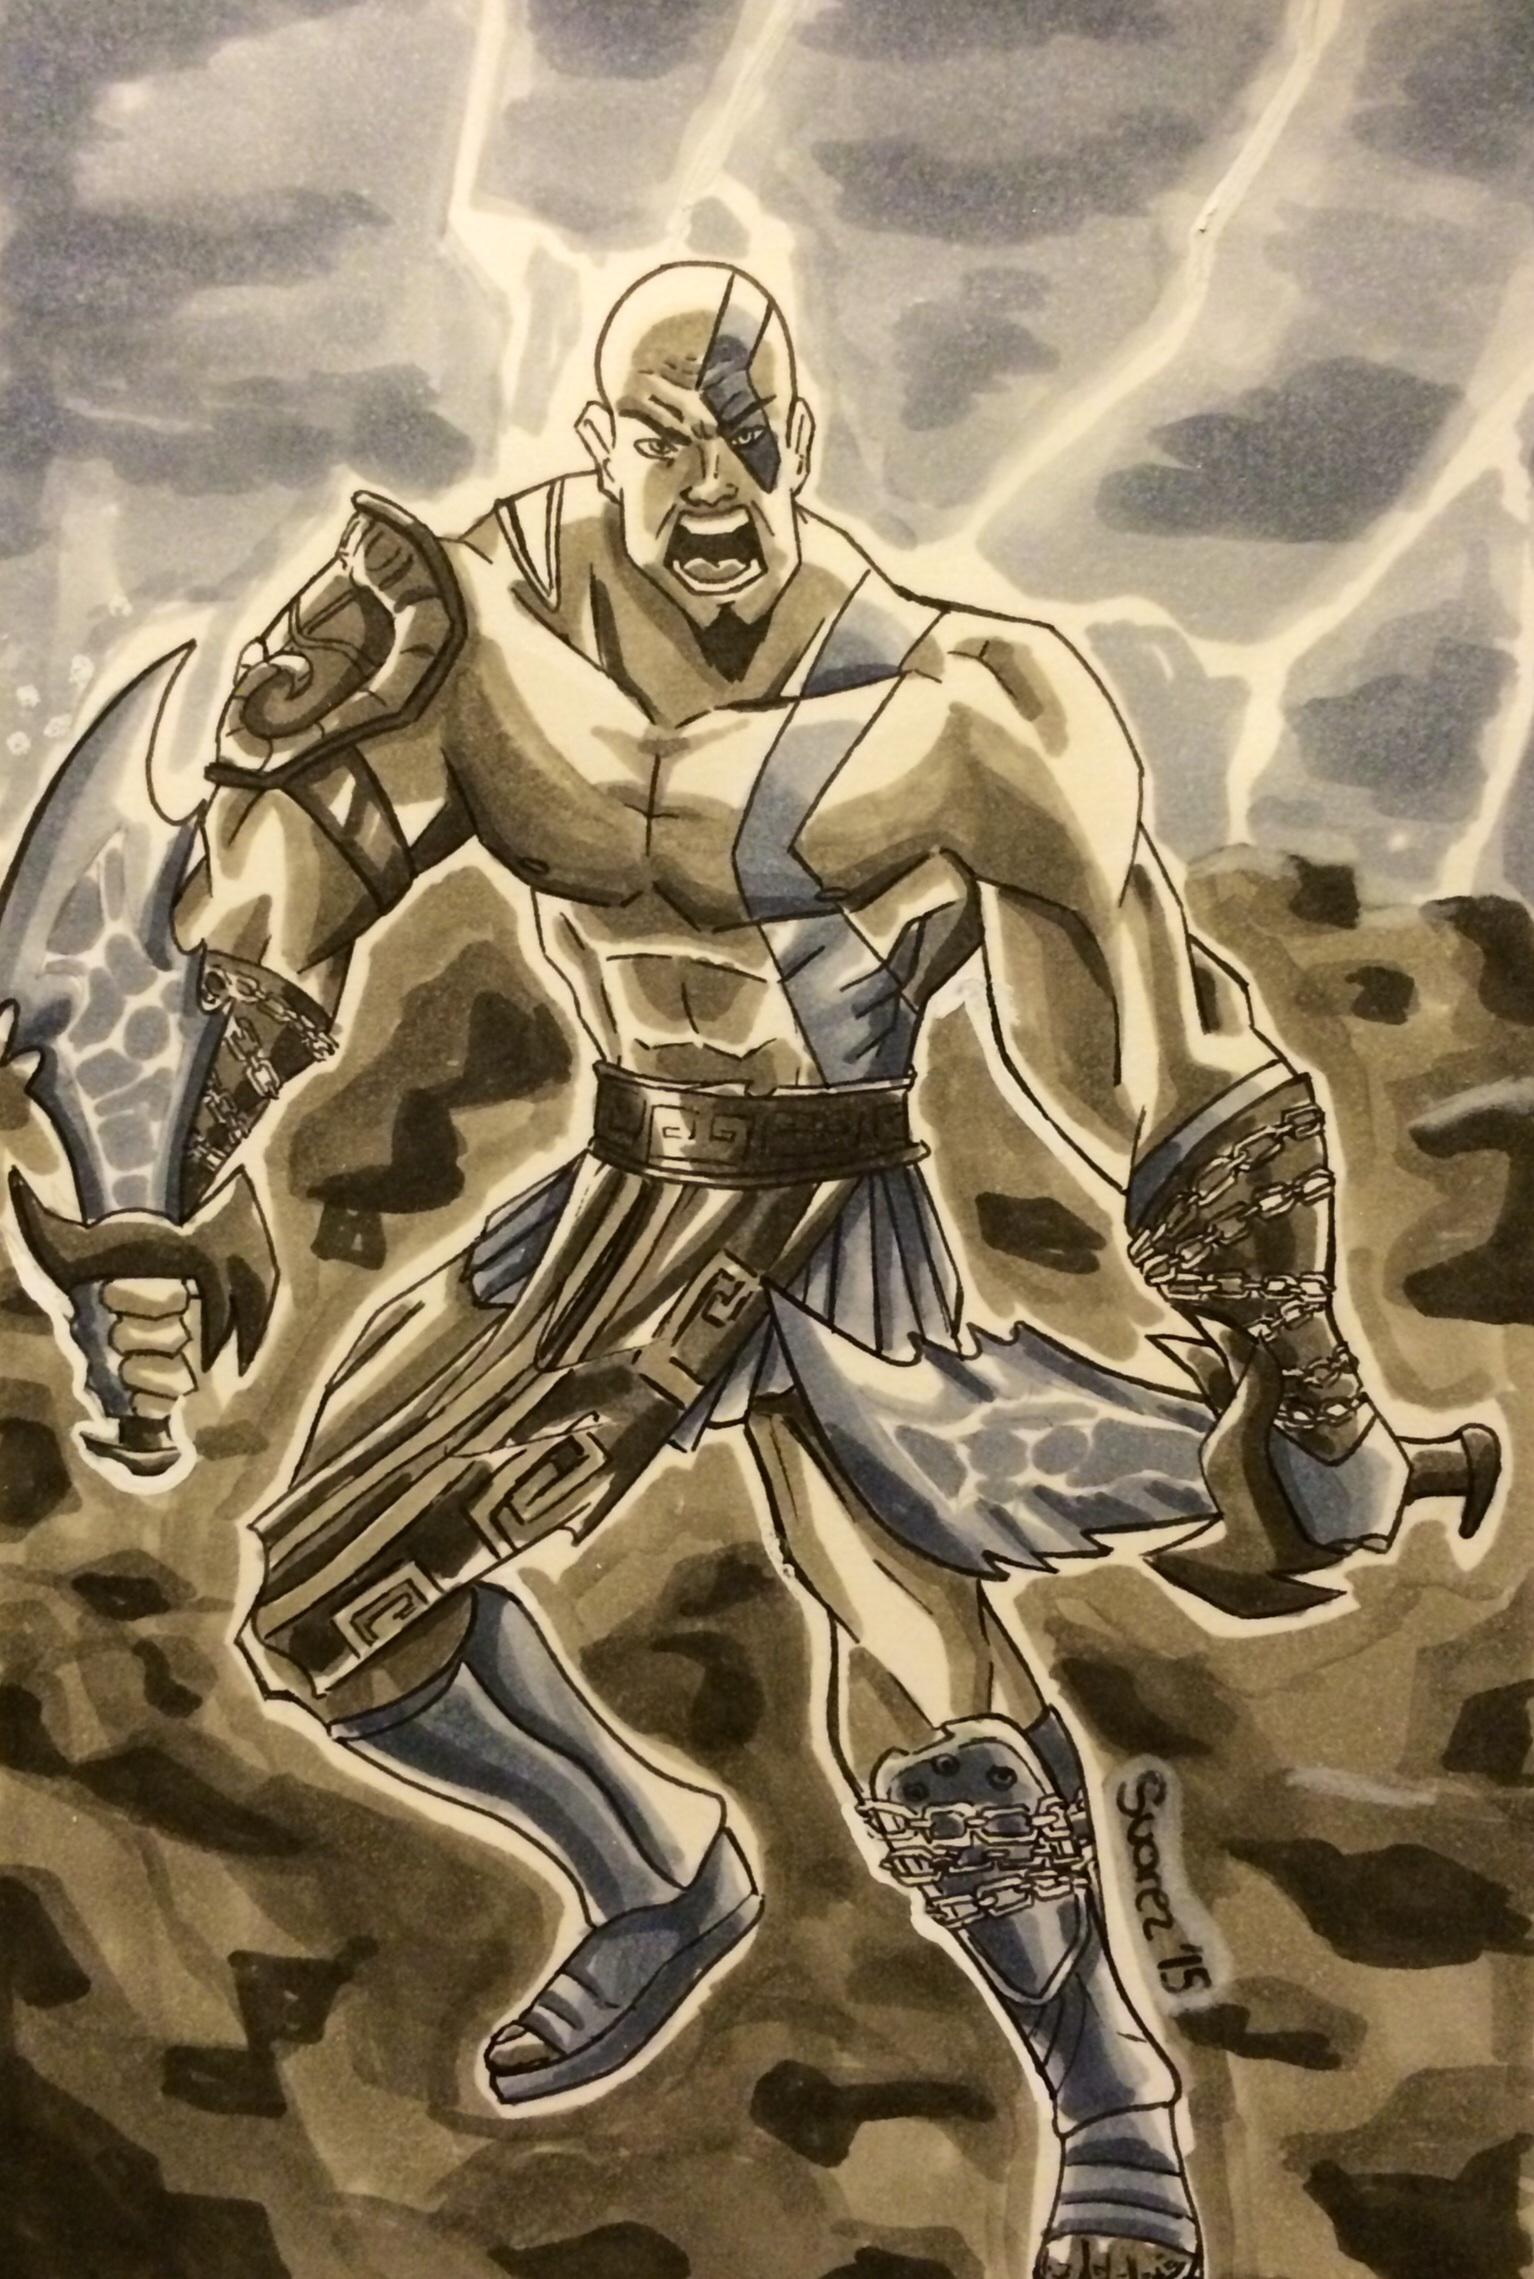 Kratos: The God of War